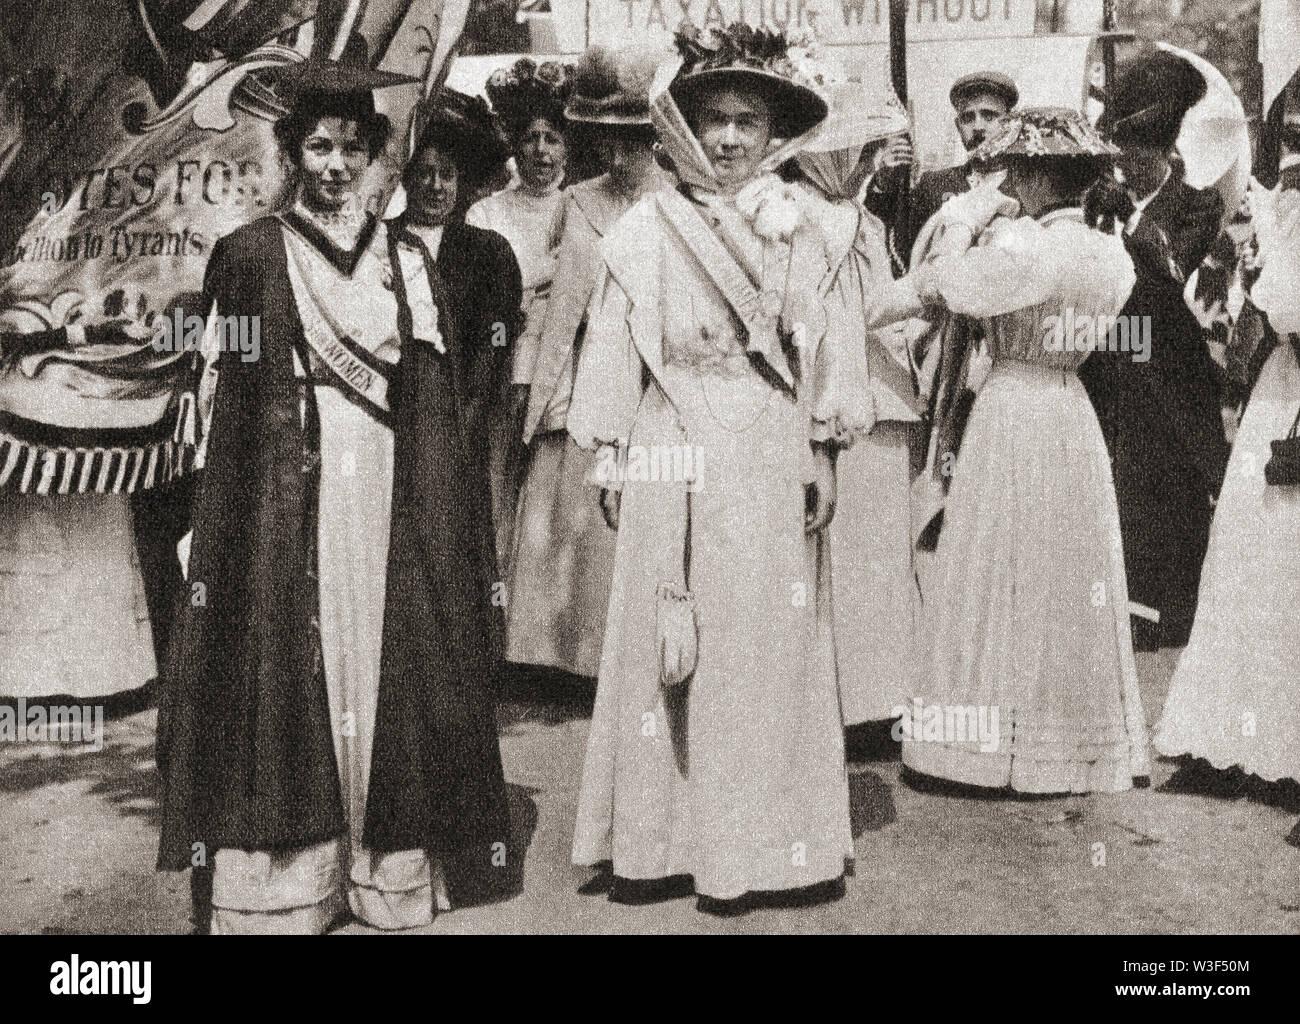 Emmeline Pethick-Lawrence Dame Editorial, 1867 - 1954, à gauche. La militante des droits de la femme. Emmeline Pankhurst , née Goulden, 1858 - 1928, à droite. Activiste politique britannique et leader du mouvement des suffragettes britanniques. À partir de la cérémonie du siècle, publié en 1934. Banque D'Images